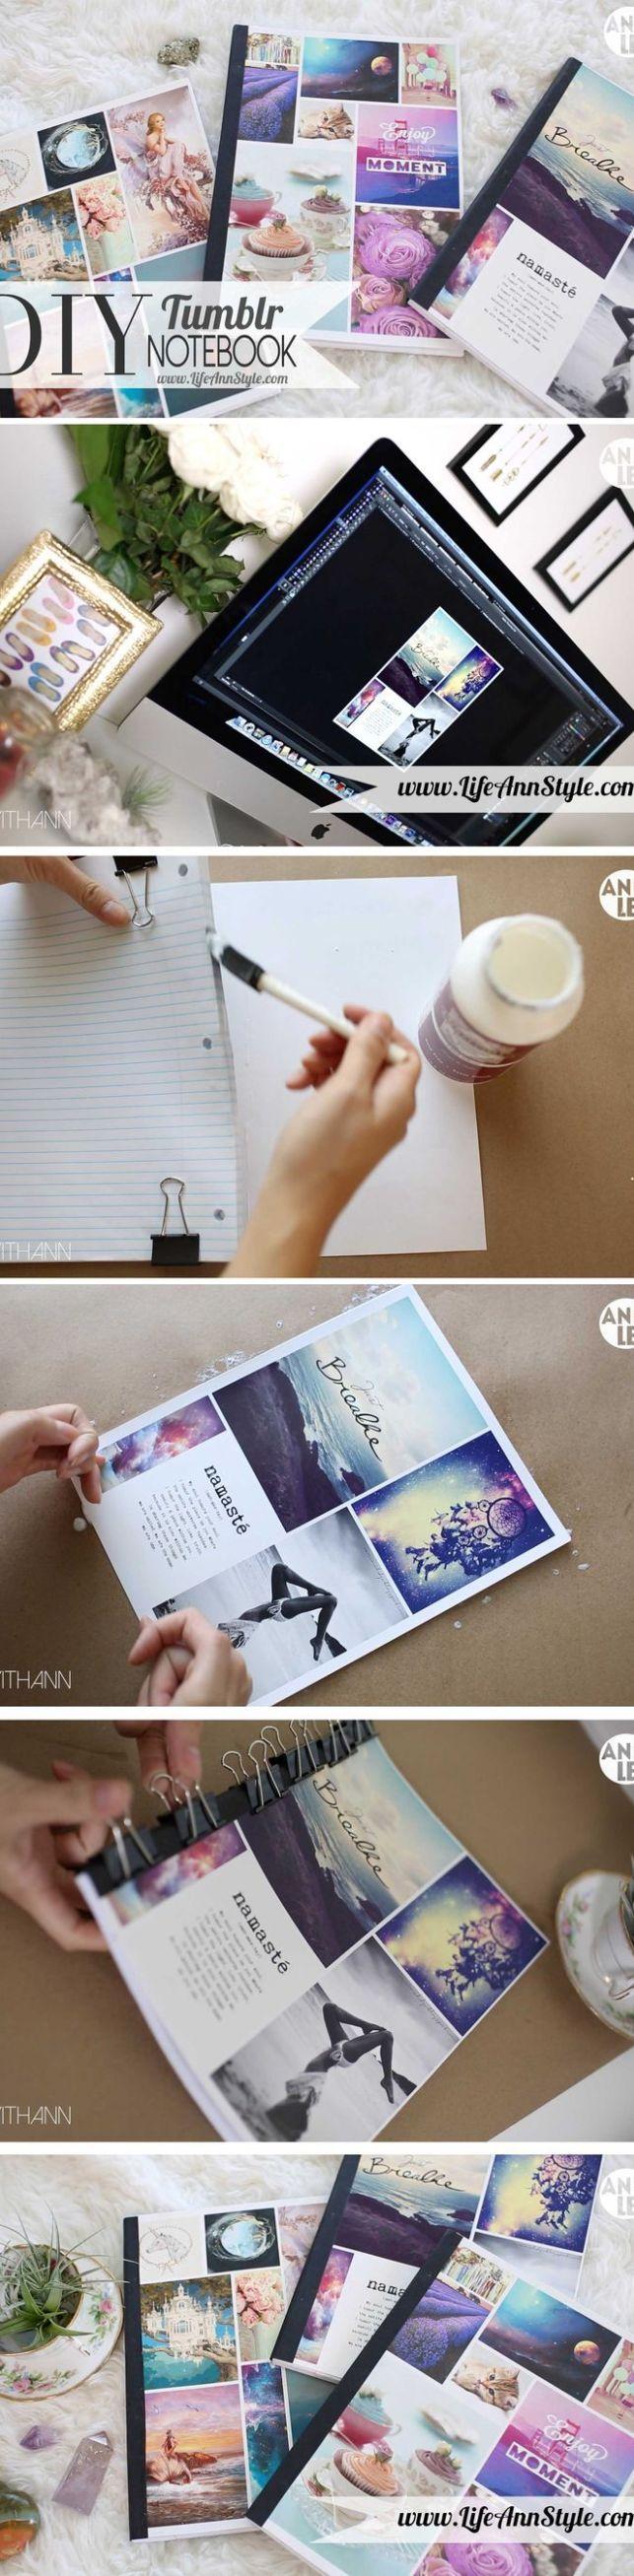 Ya casi empiezan las clases así que les quiero mostrar unas manera sencillas para decorar sus cuadernos. Esta manera de decorar solo necesitarás pintura para pizarrón y gis. Es una libreta muy práctica, también te servirá para poner notas. Solo necesitas diurex decorativos, los venden...